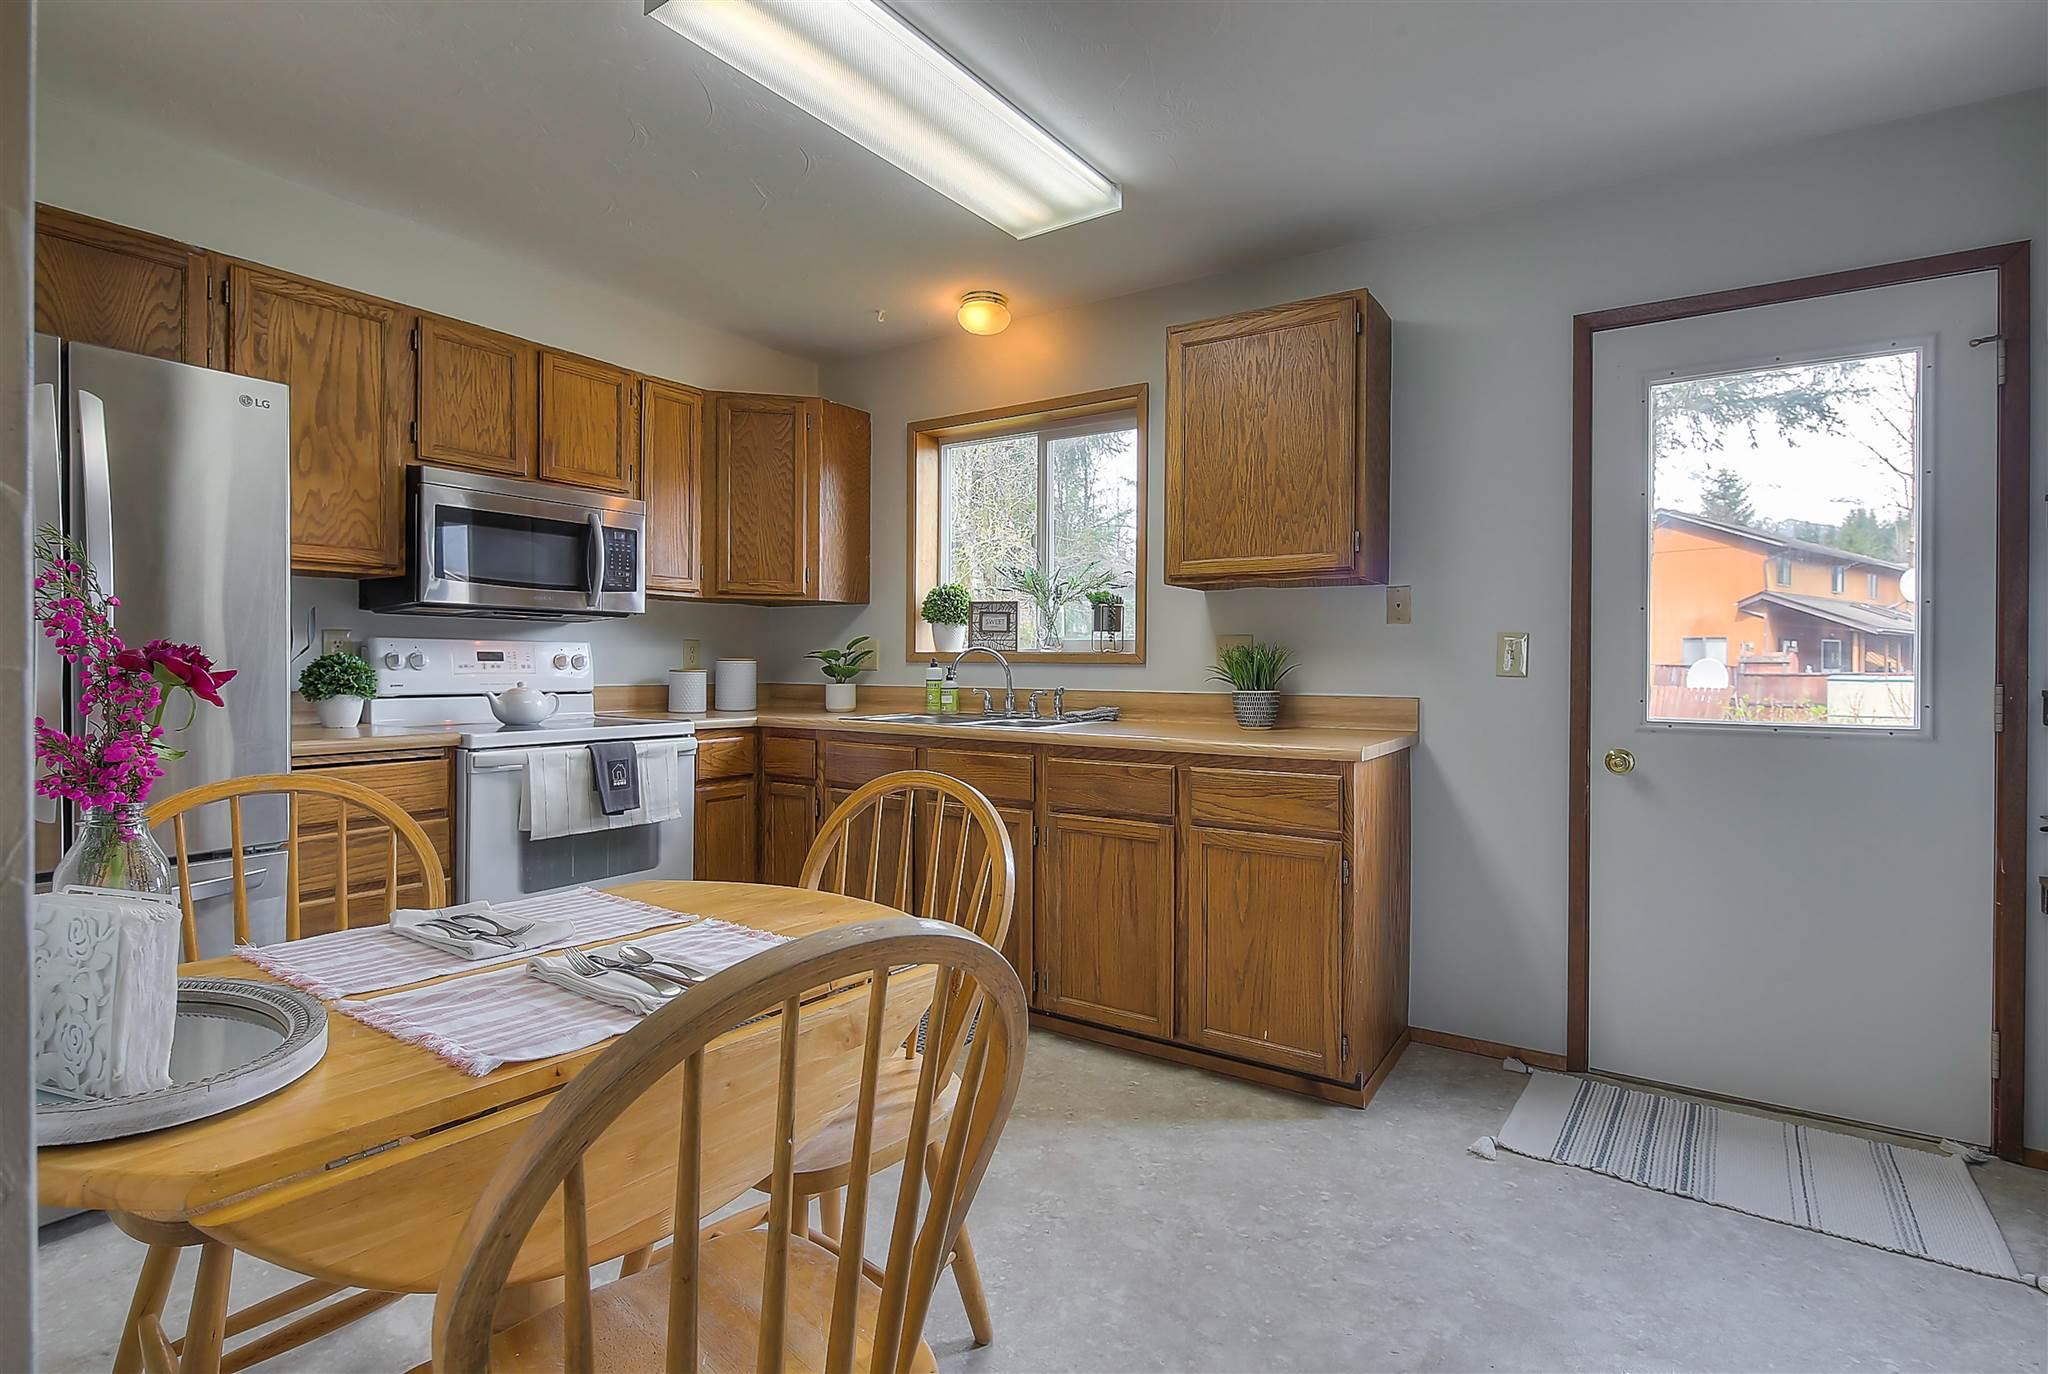 Kitchen Door to Backyard